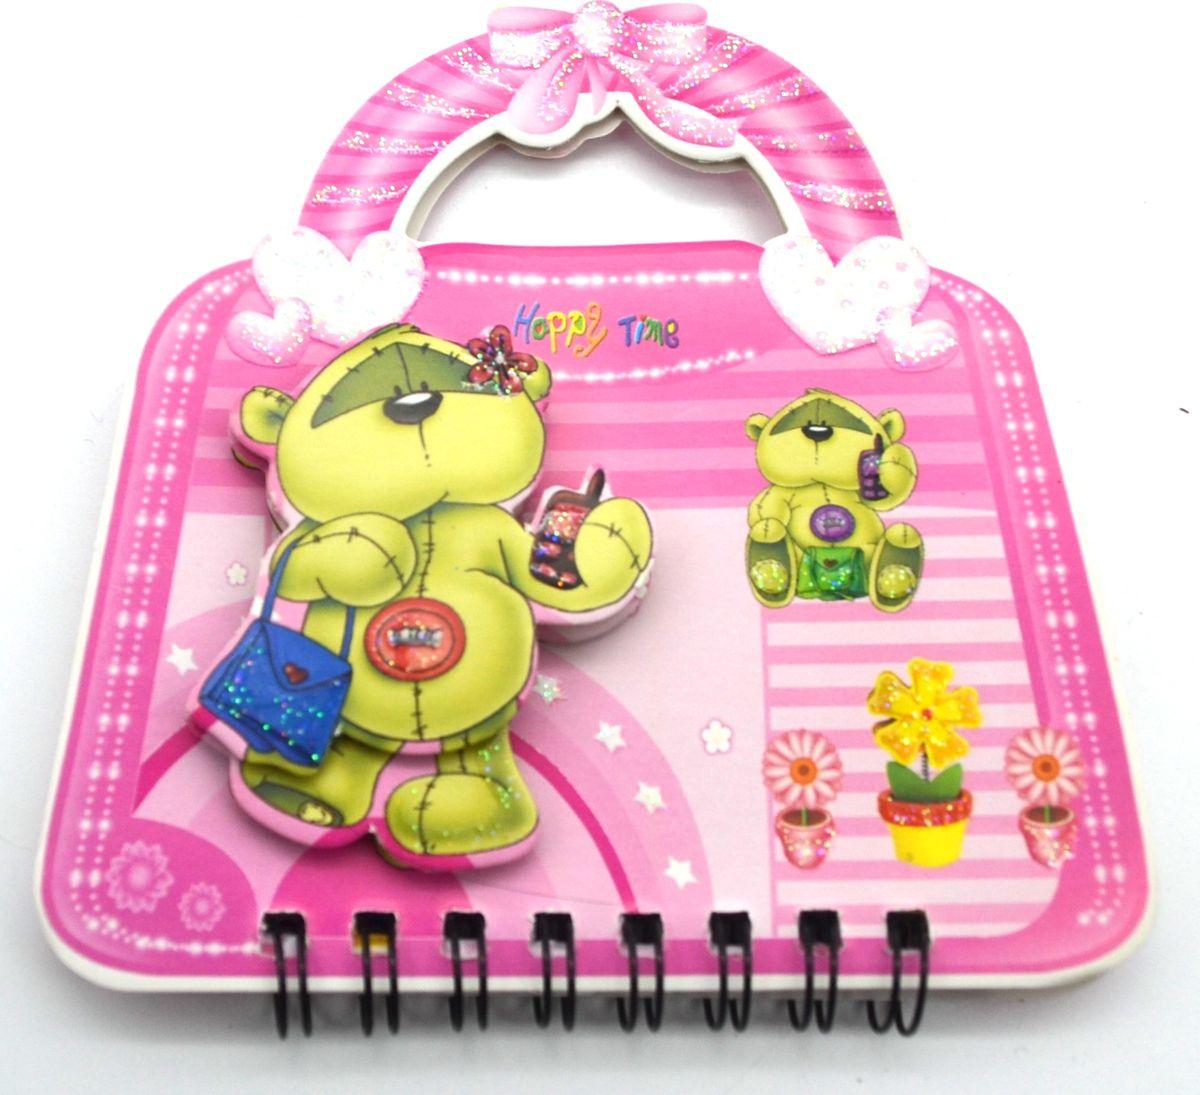 Карамба Блокнот Мишка на сумочке 50 листов в линейку цвет розовый 357172523WDБлокнот Карамба Мишка на сумочке с объемным изображением мишки на лицевой стороне выполнен в виде сумочки с ручками. Блокнот содержит 50 листов в линейку. Листики окрашены в голубой и зеленый цвета. На каждом листочке изображен мишка.